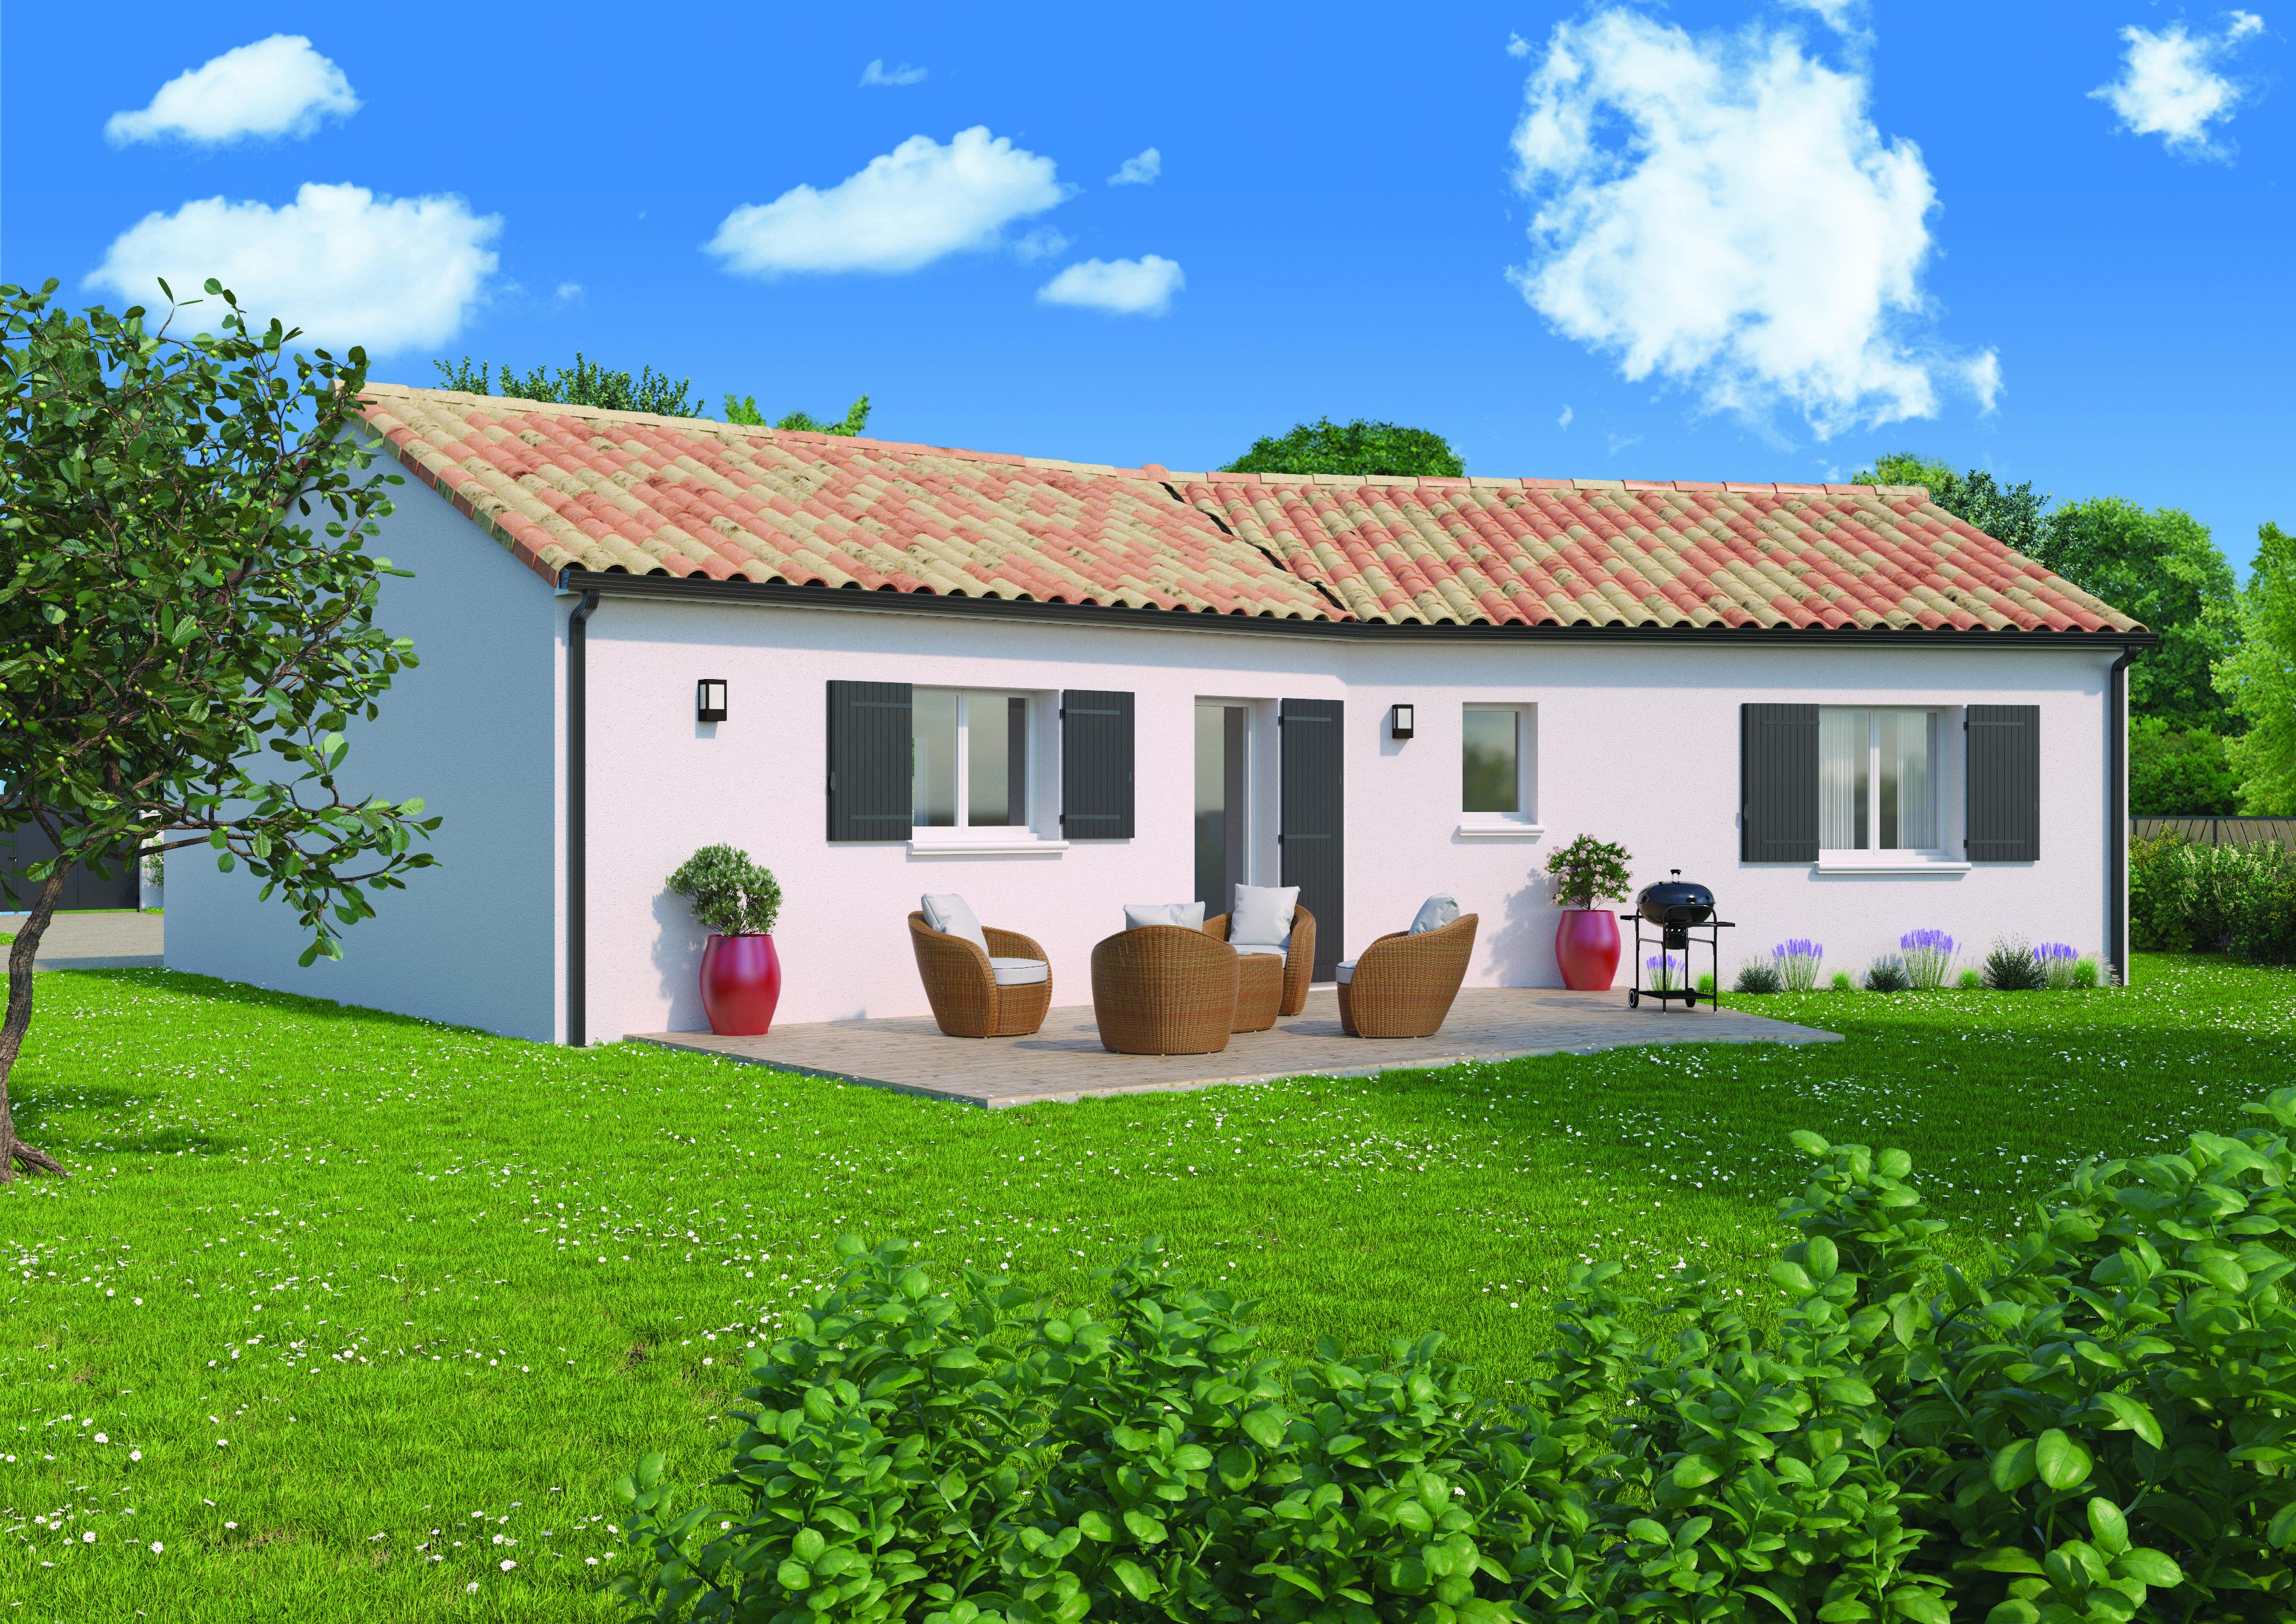 Maison à vendre à Martignas-sur-Jalle